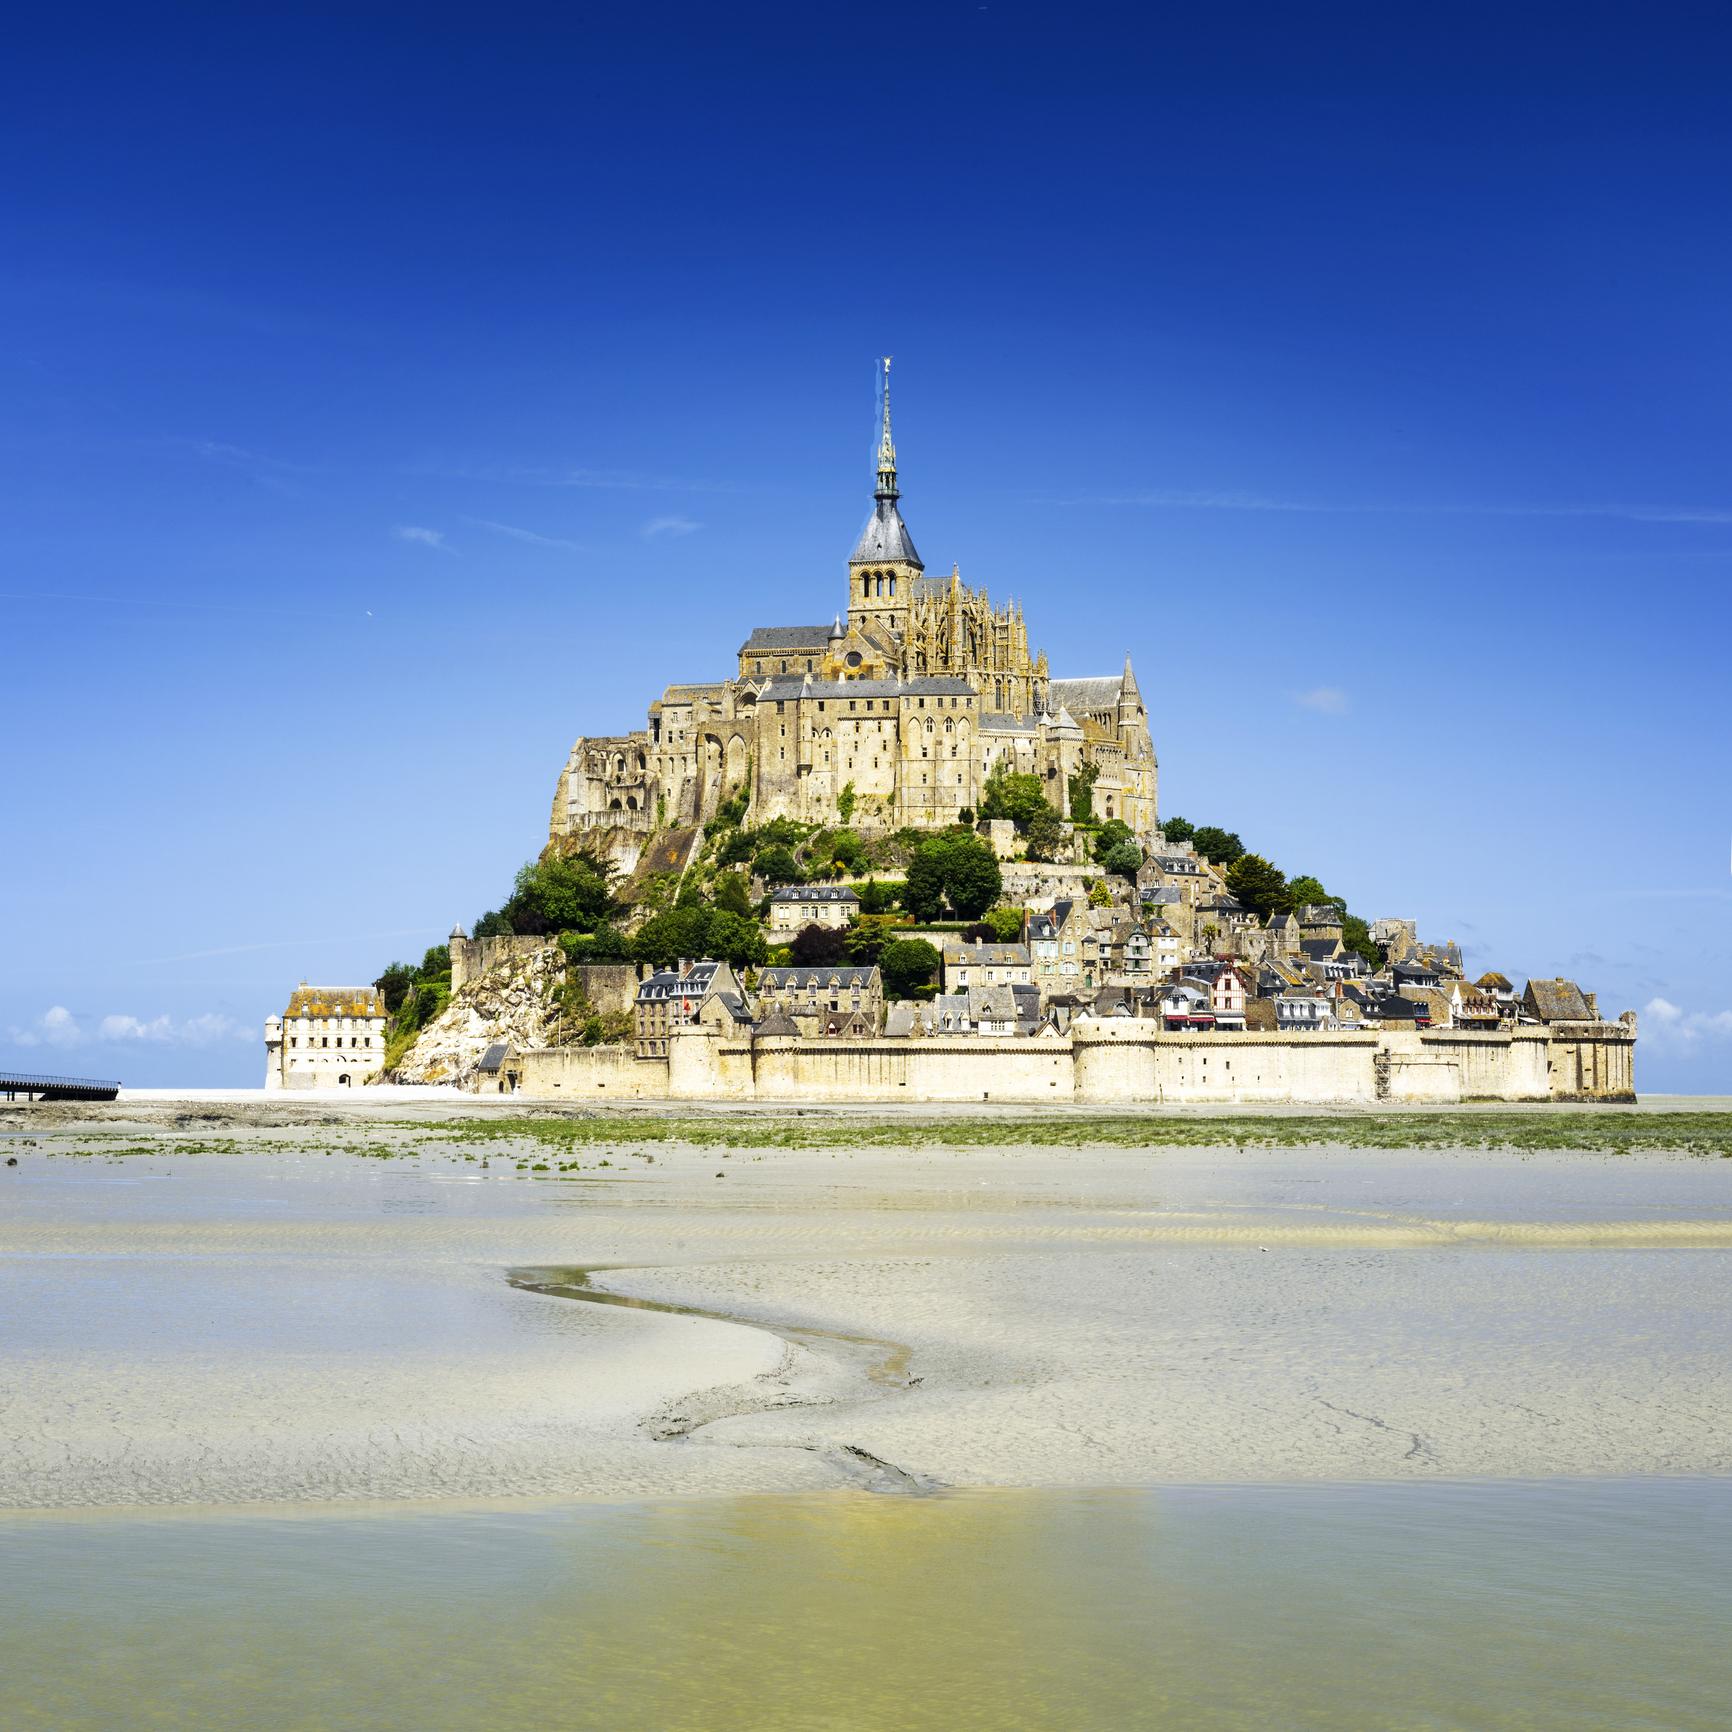 <p>Мон Сен Мишел е скалист приливен остров и община в департамент Манш, регион Долна Нормандия, Франция. Абатството на острова е посветено на Архангел Михаил.</p>